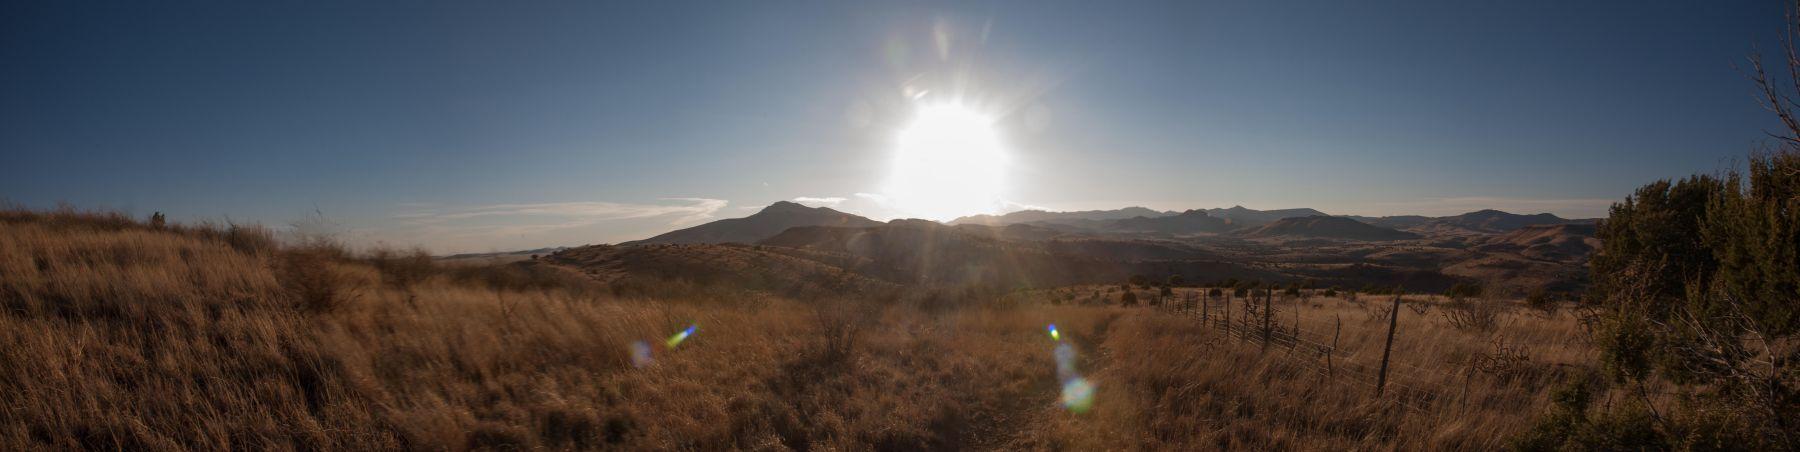 1davis_mountains_state_park_panorama2.jpg